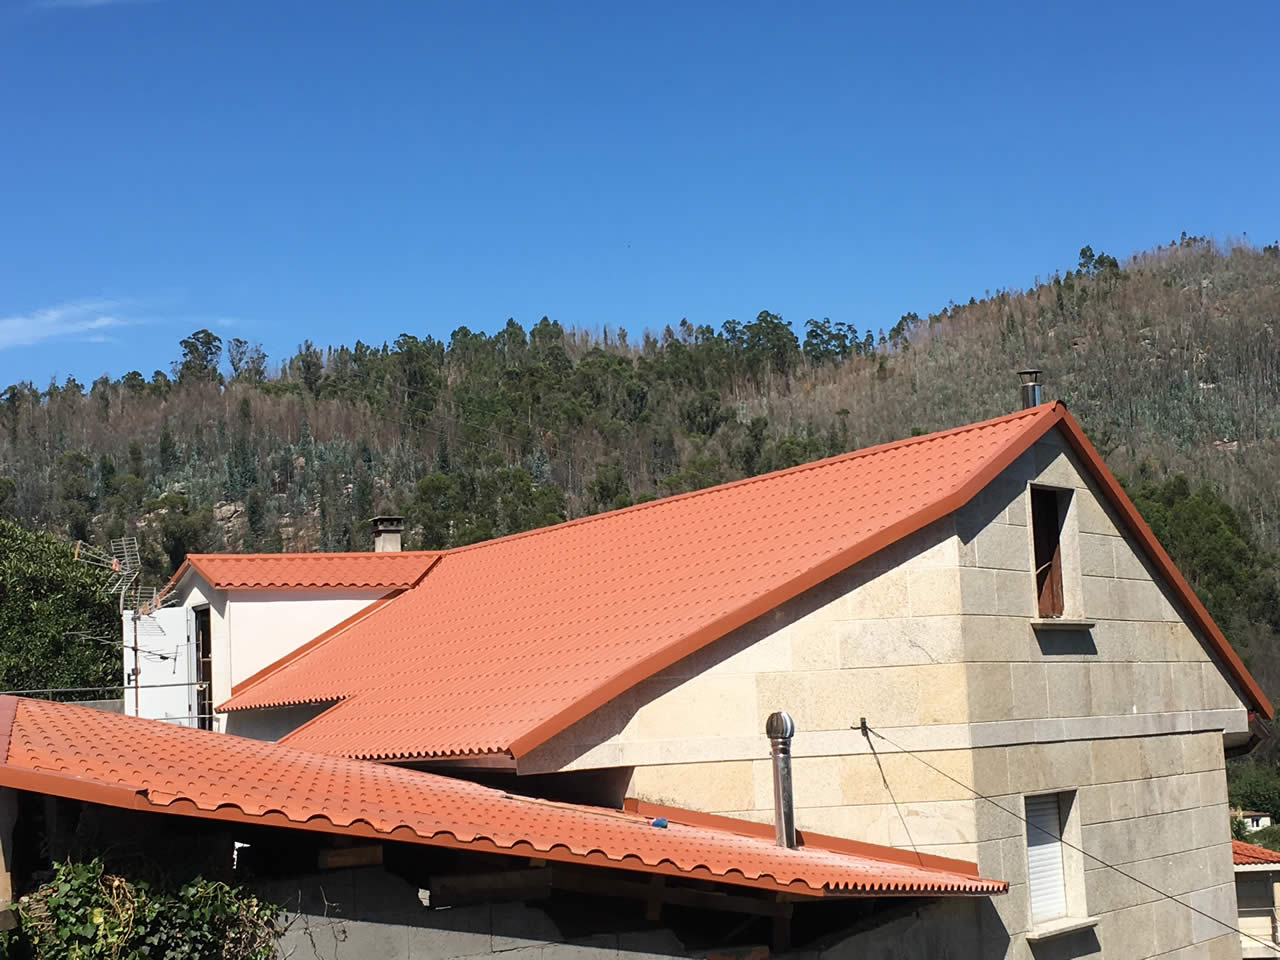 Construcción de tejado a dos aguas en Pontesampaio - Rodríguez Metal